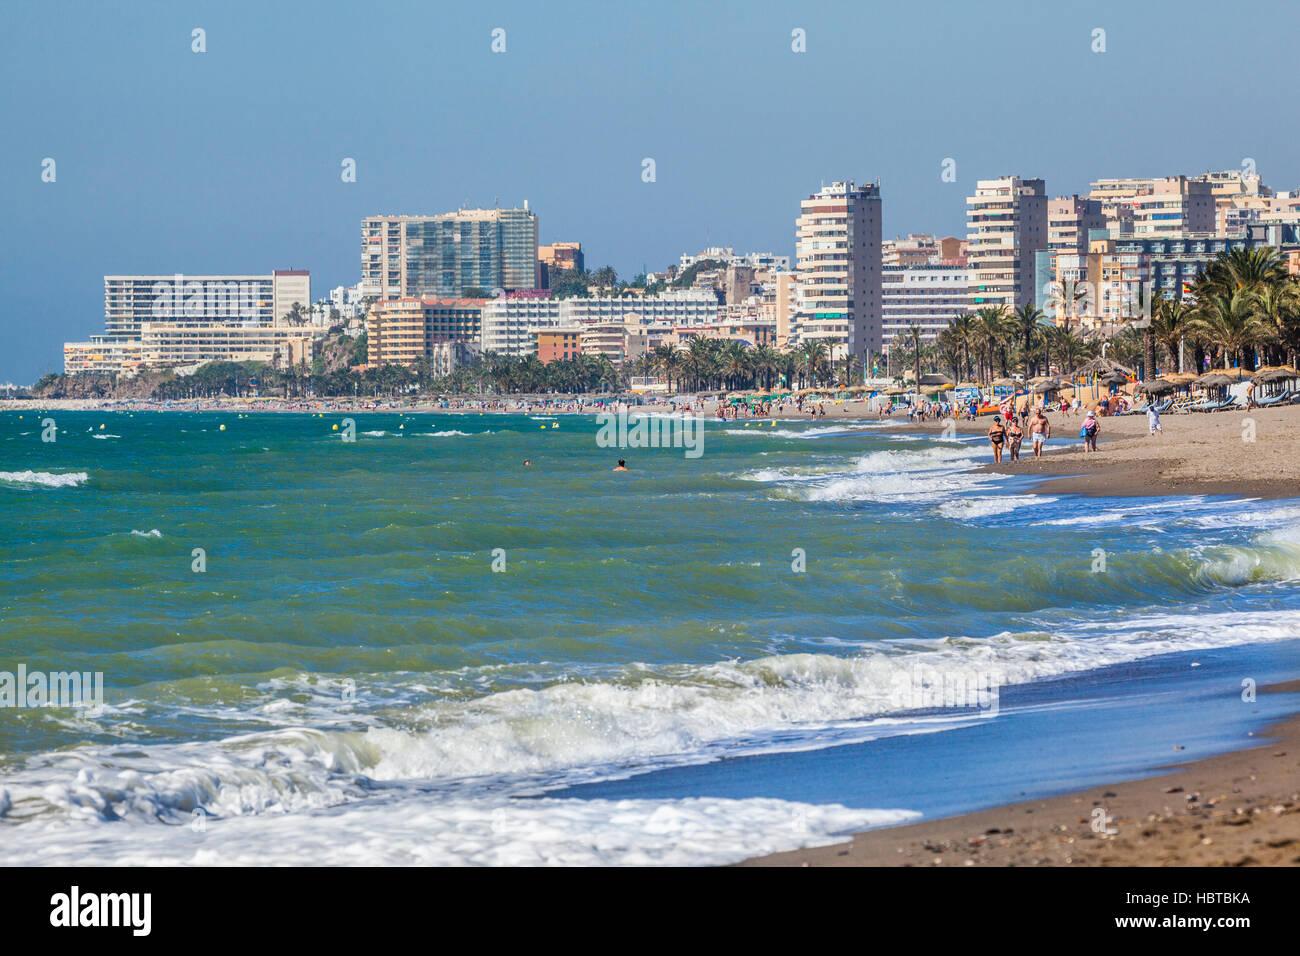 España, Andalucía, provincia de Málaga, Costa del Sol, la vista del hotel-highrise skyline del Mediterráneo Imagen De Stock